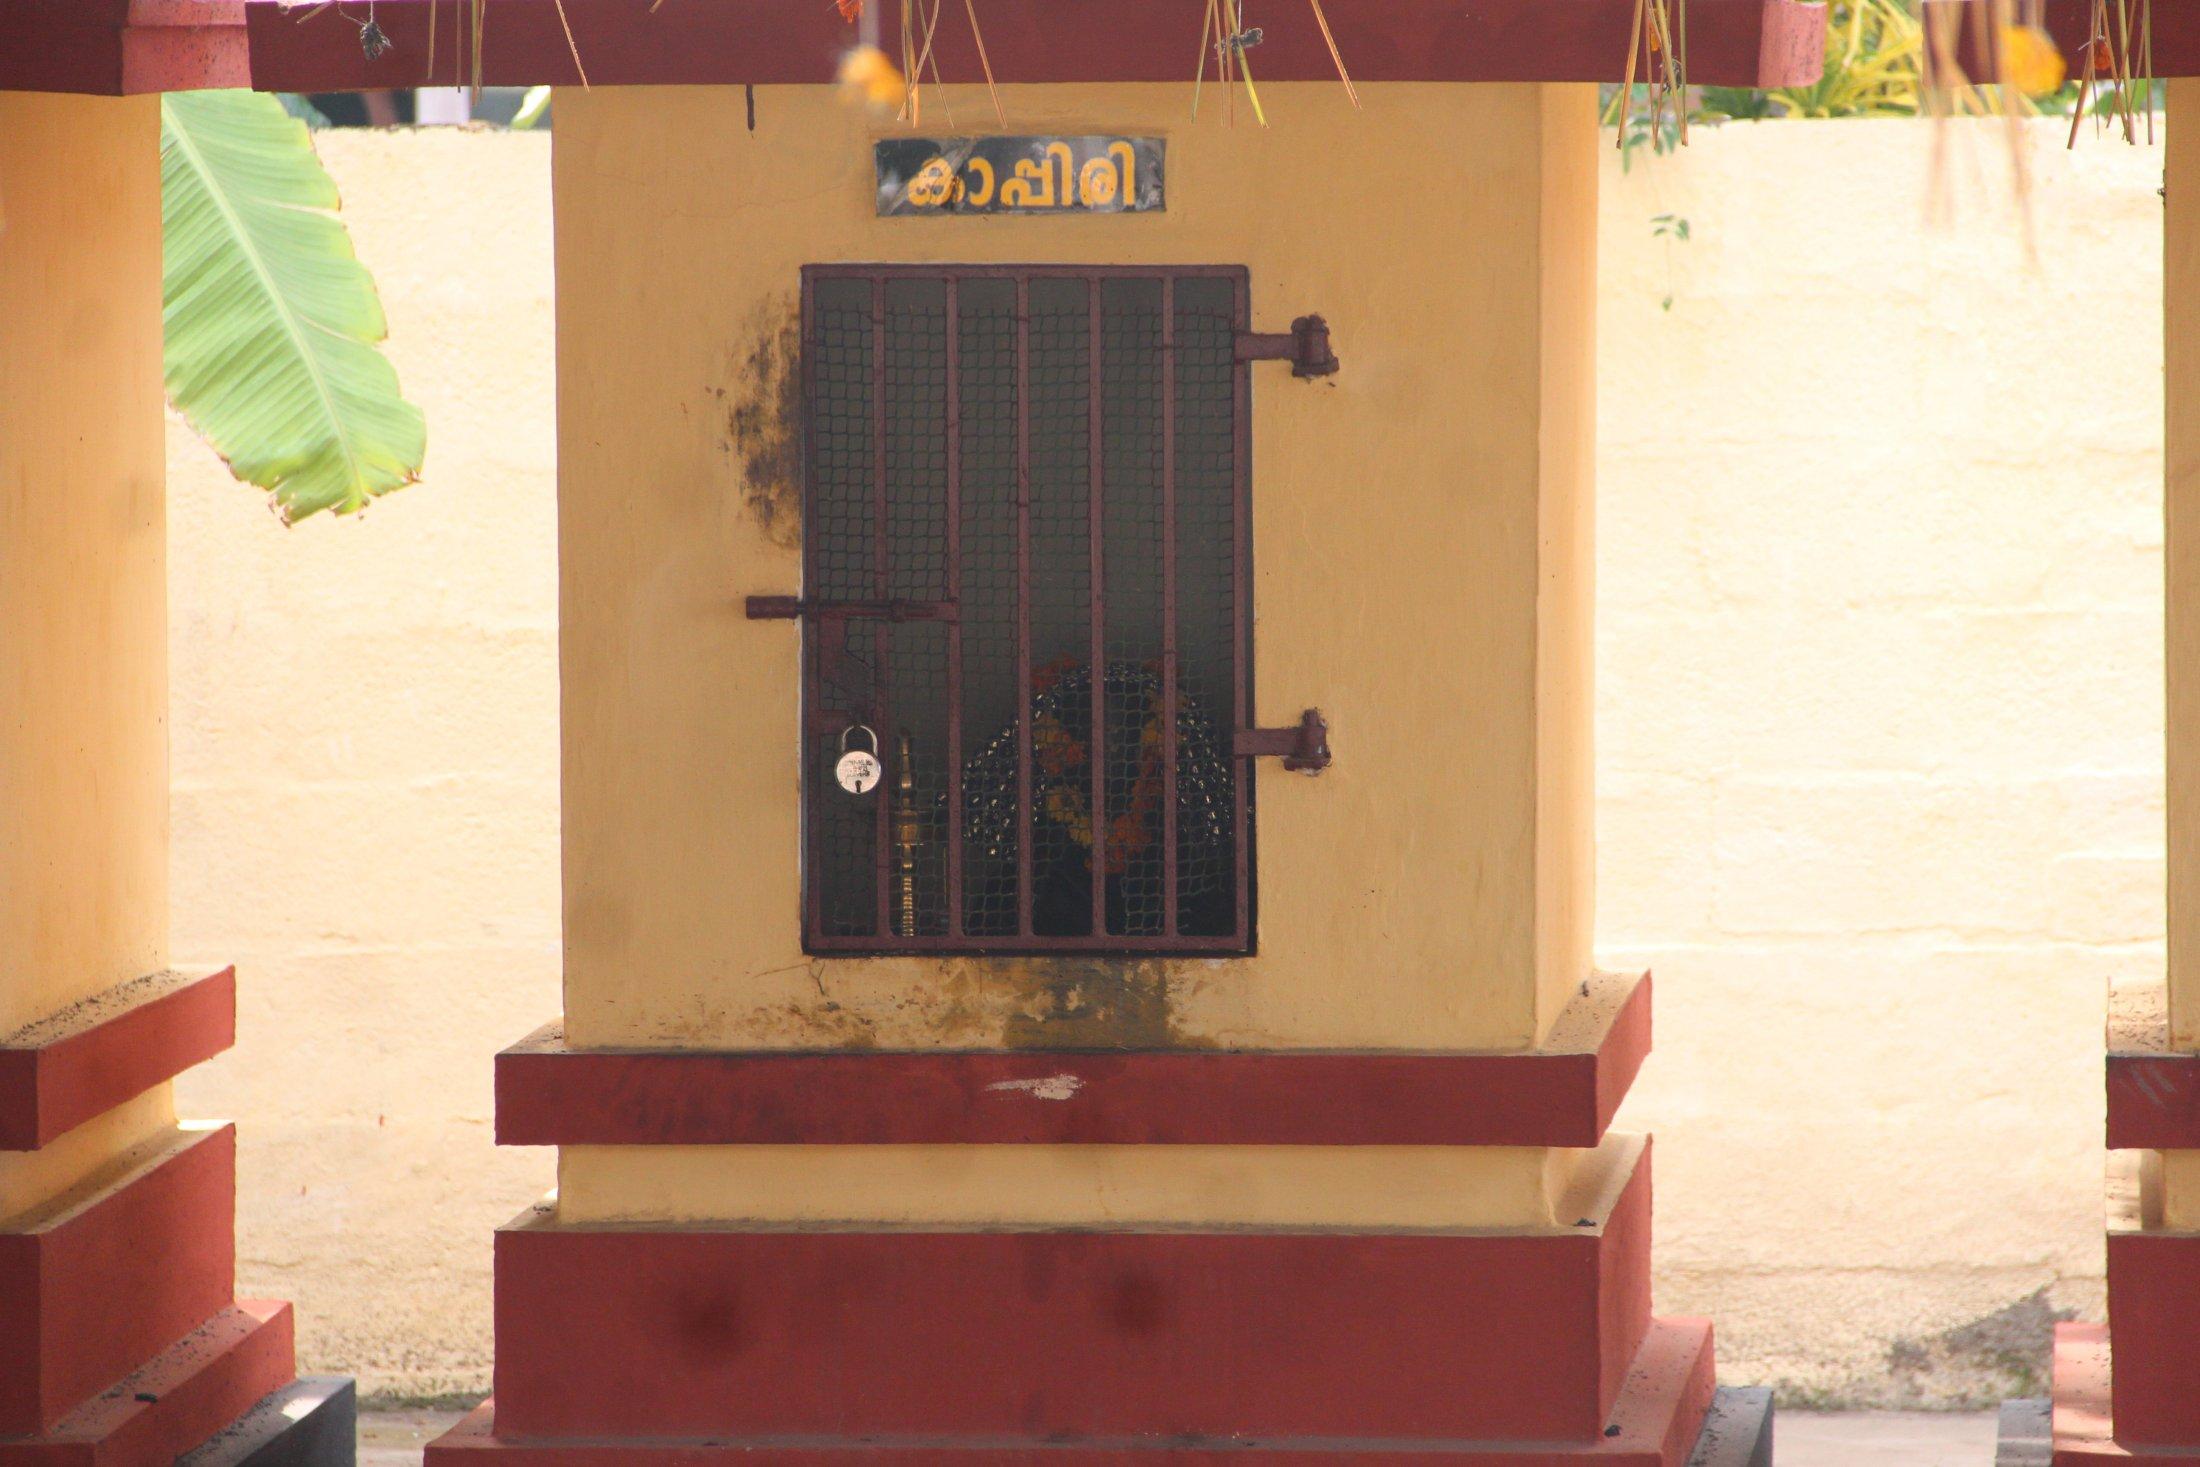 Kappiri Shrine, Kalamukku